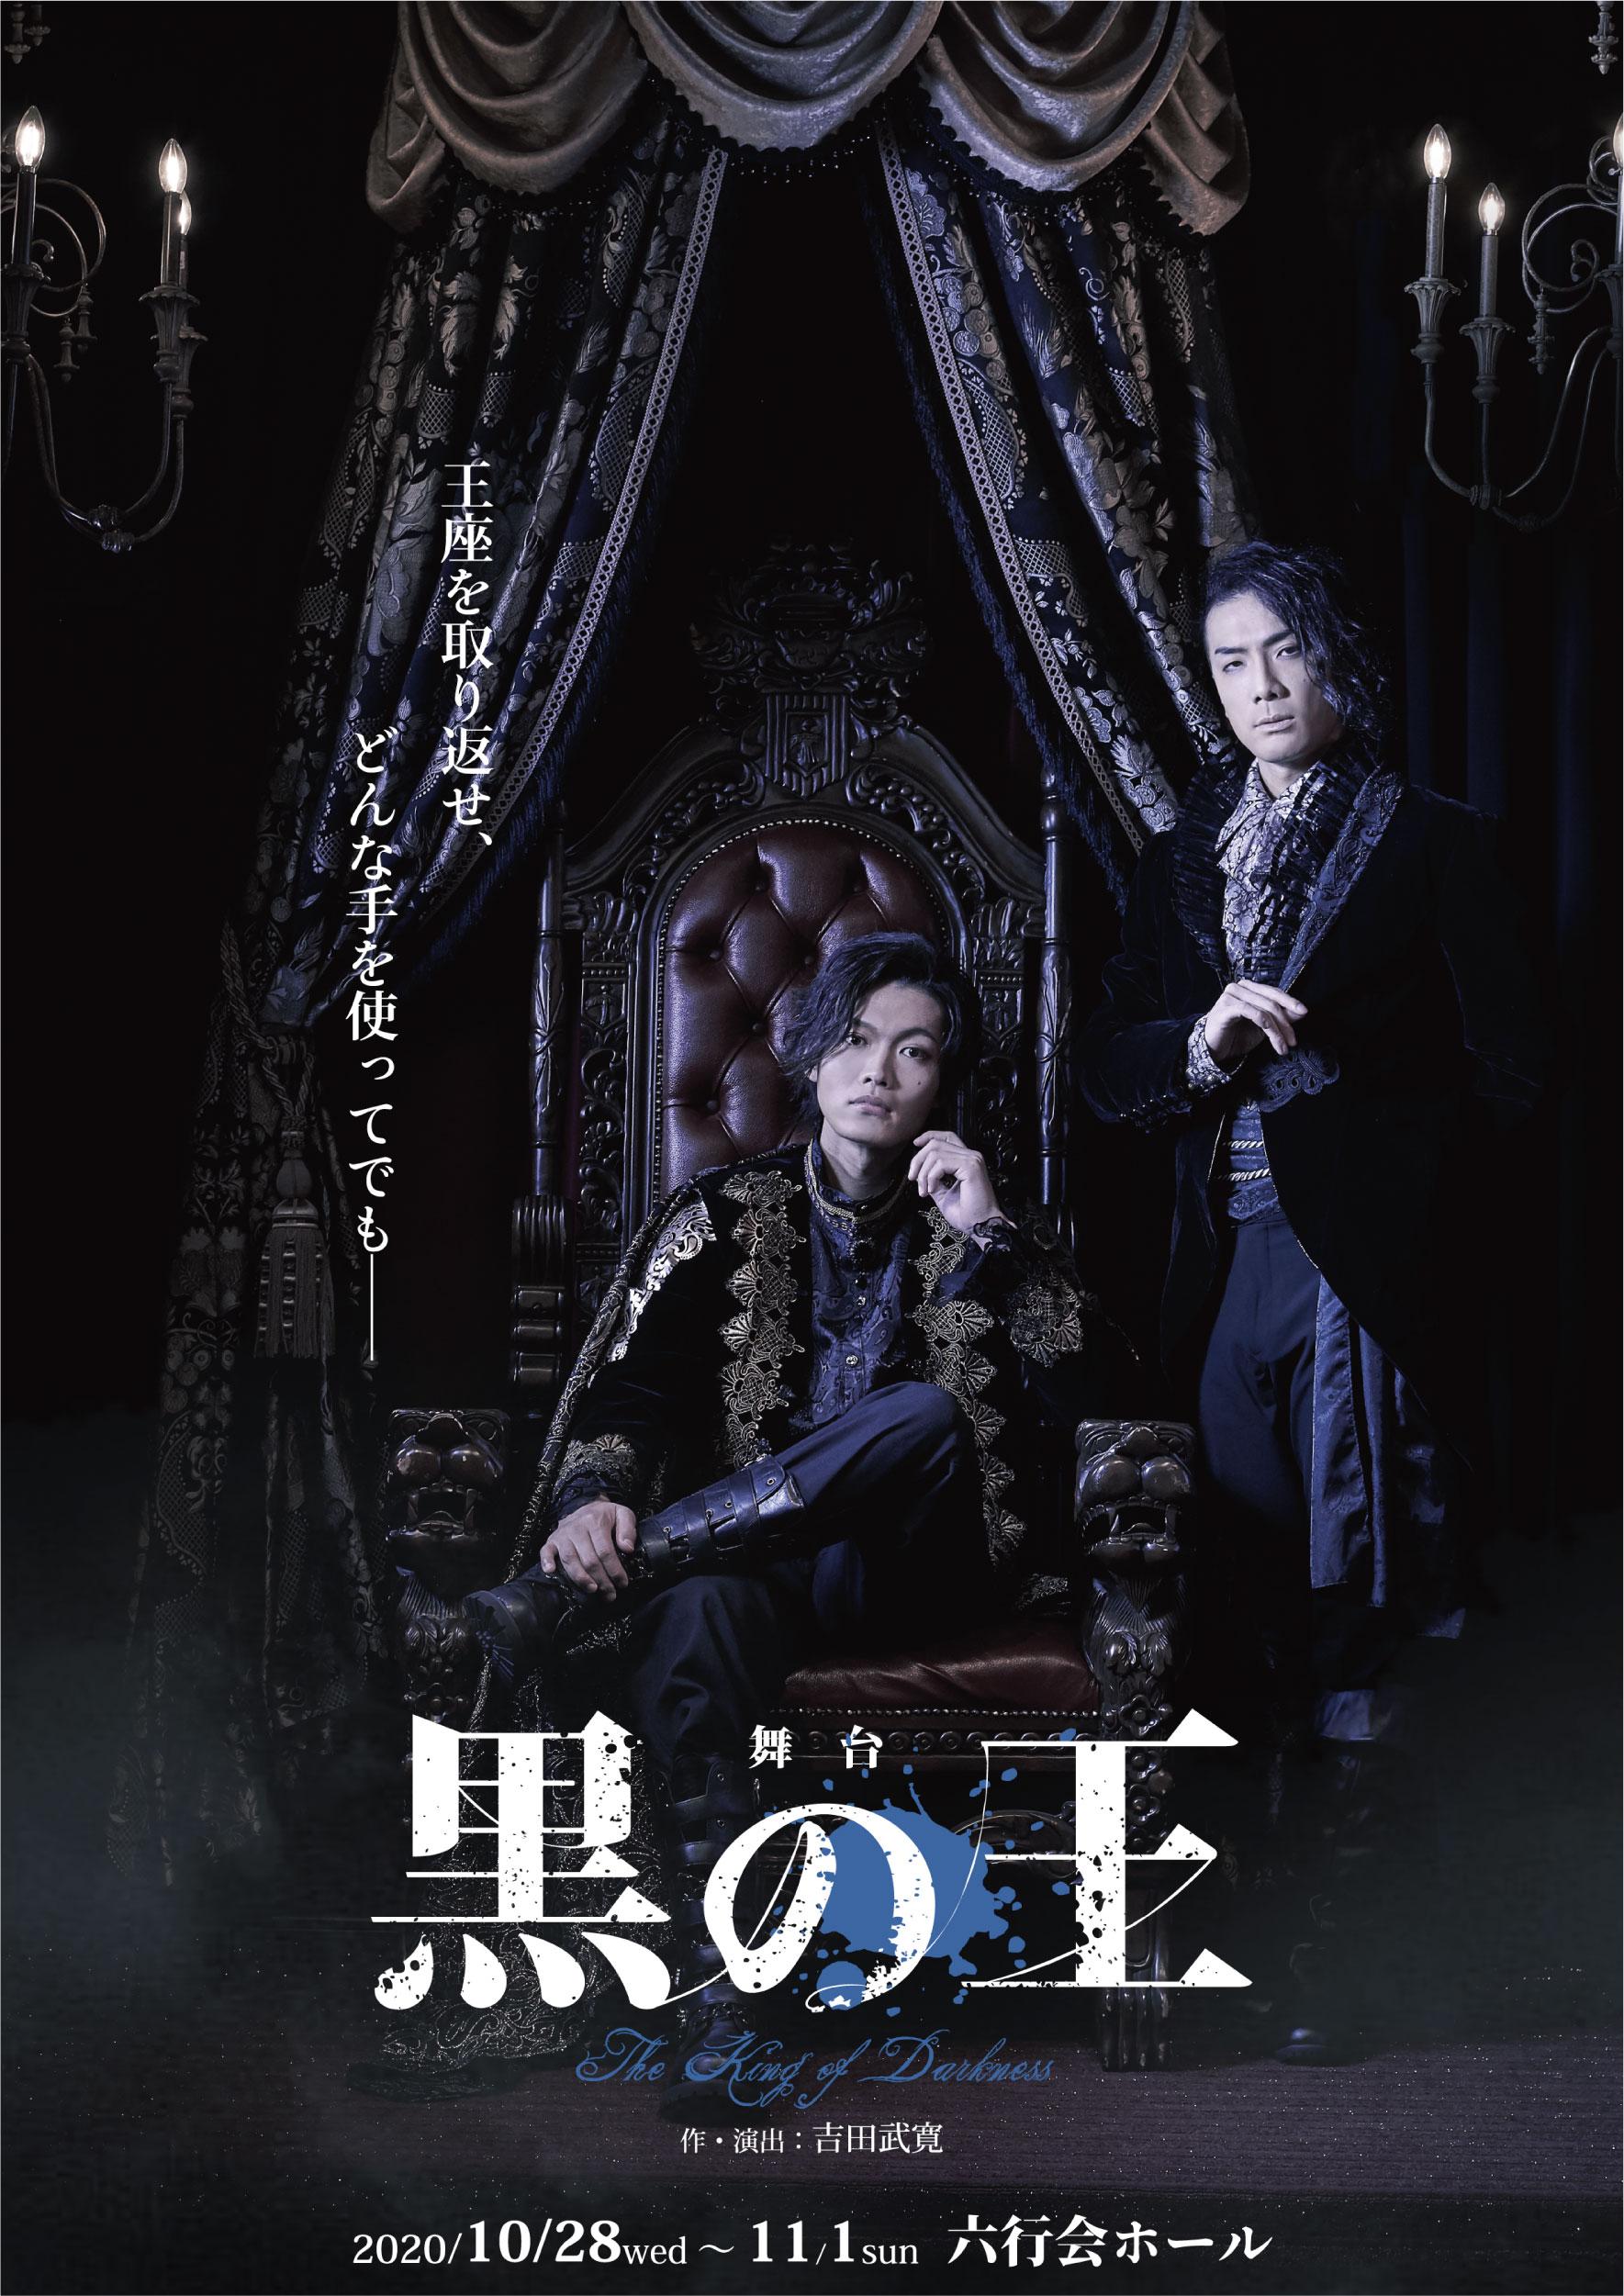 【10月30日(金)19:00】舞台「黒の王」